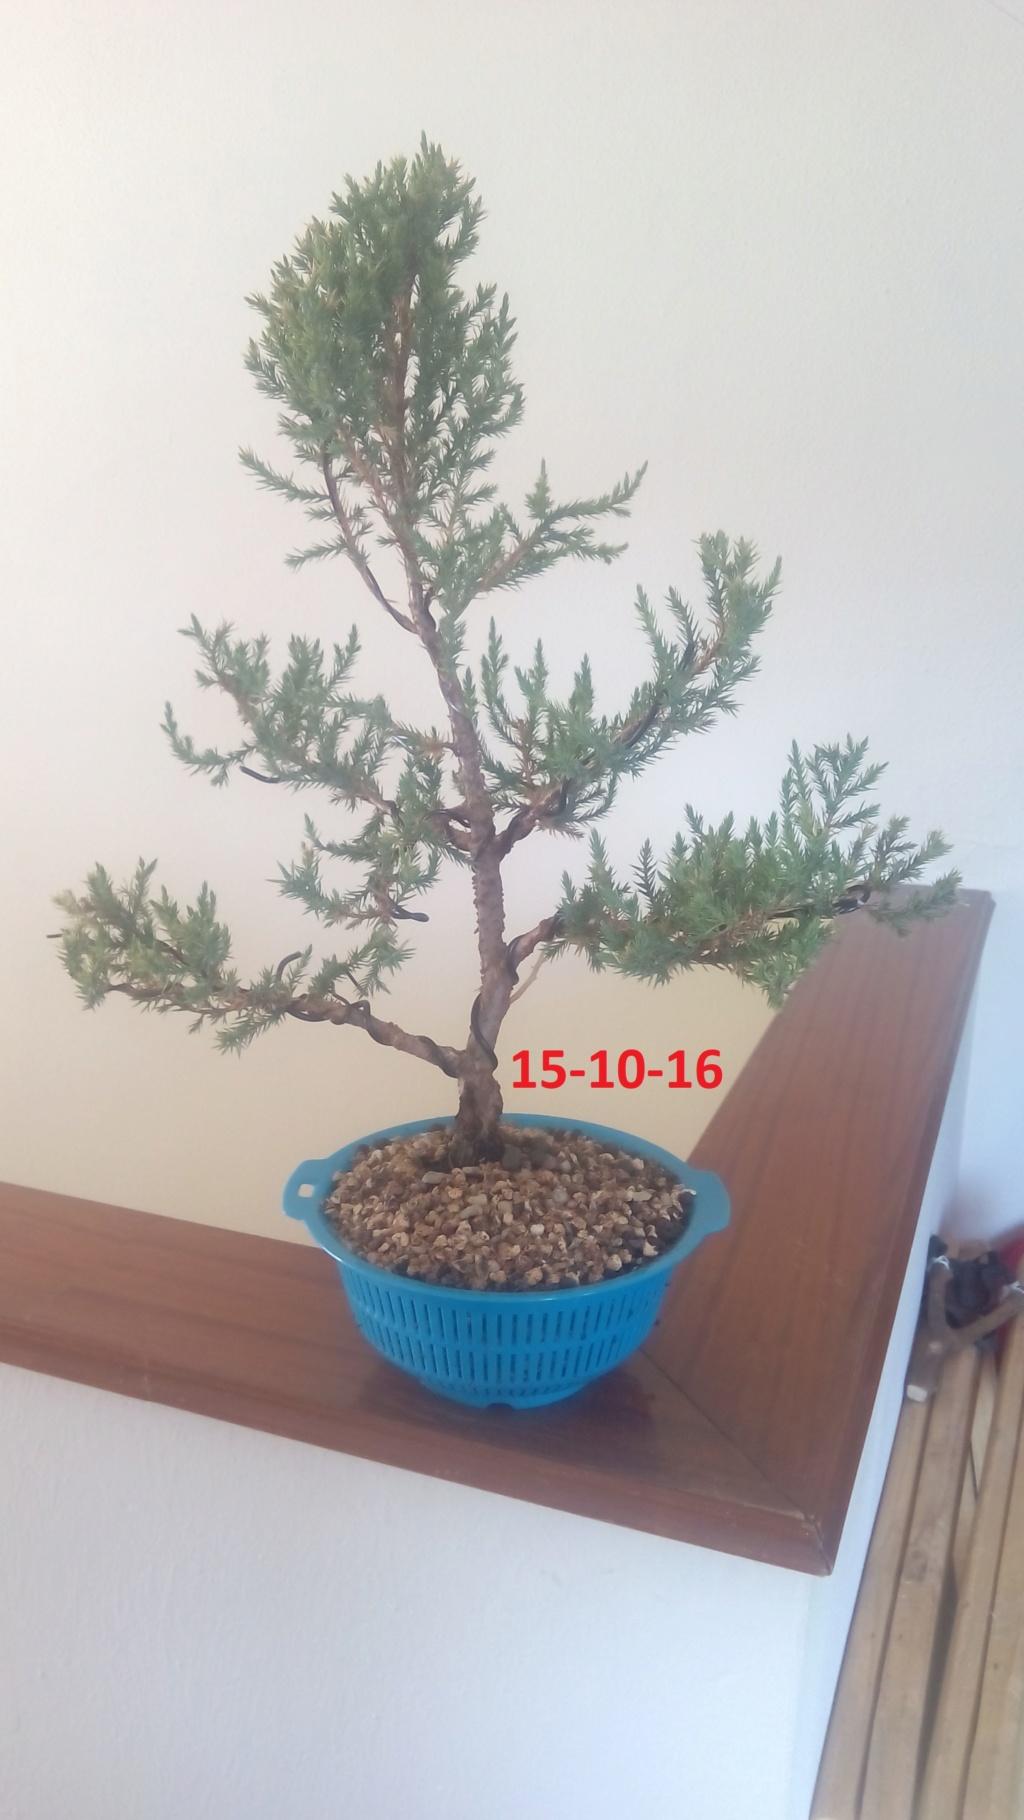 Evoución juniperus stricta en 2 años y medio Img_2017